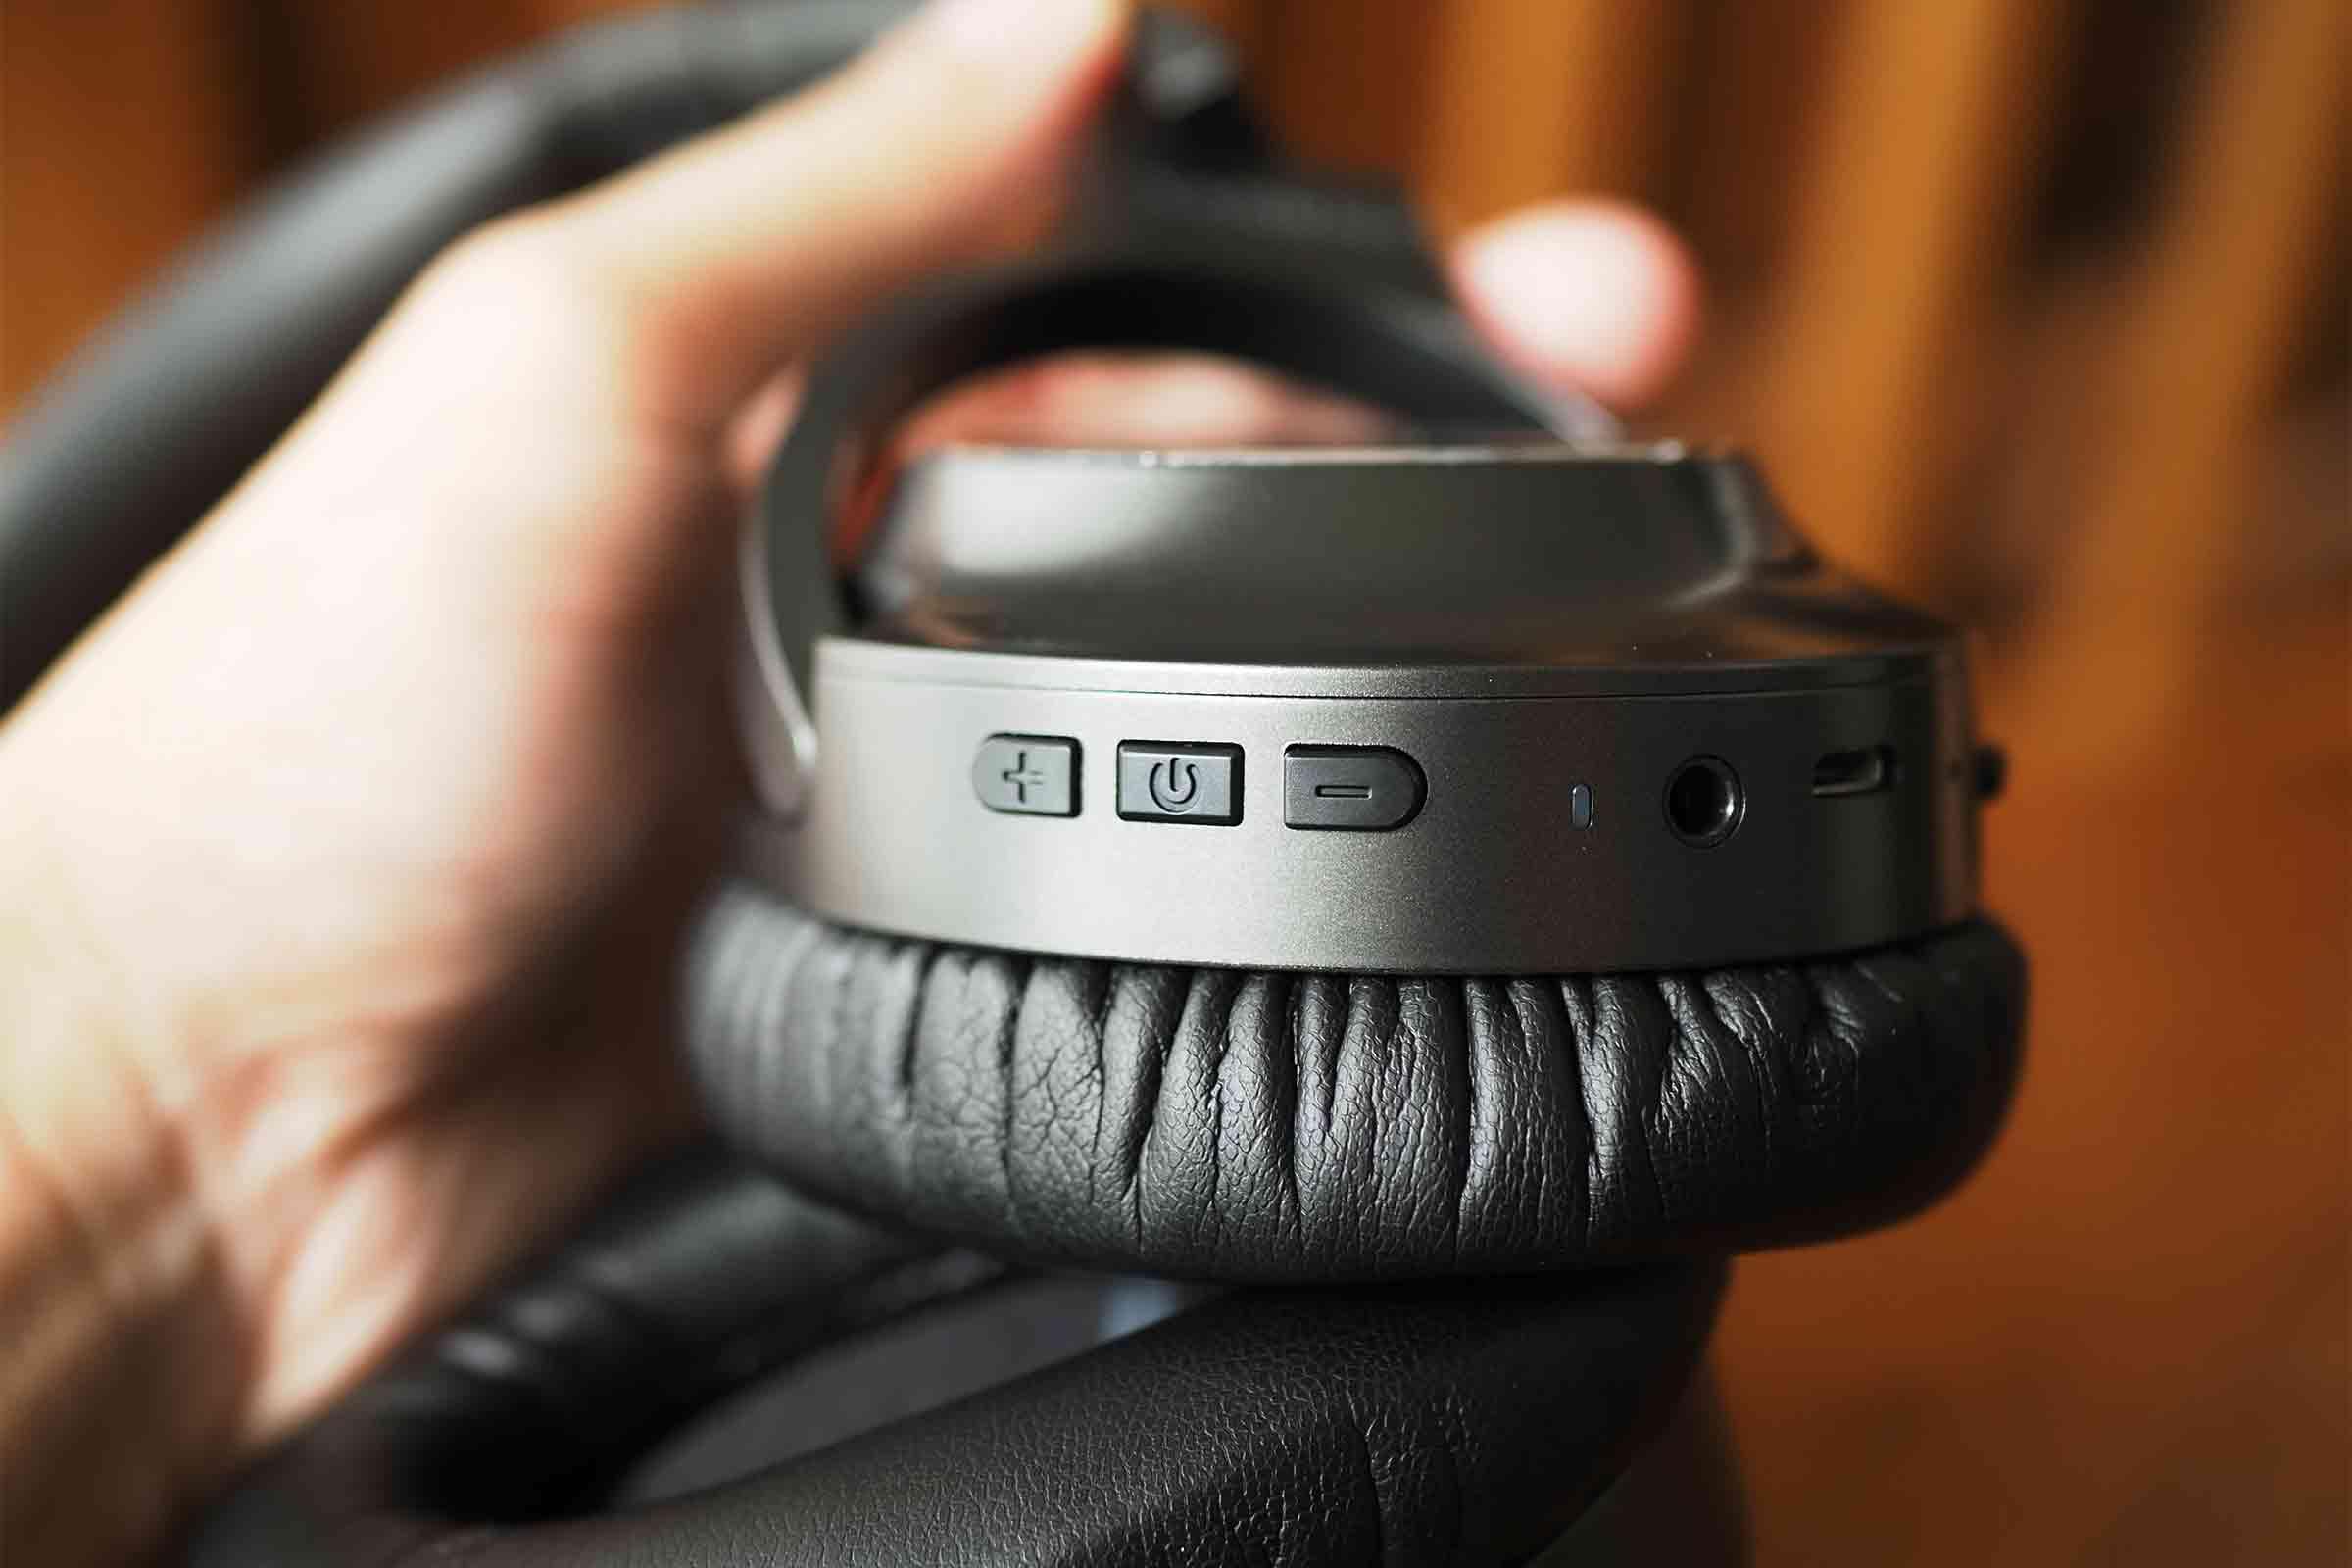 ワイヤレスイヤホン,ワイヤレスヘッドホン,vankyo,ノイズキャンセリング,音質,高音質,低音,安い,音量